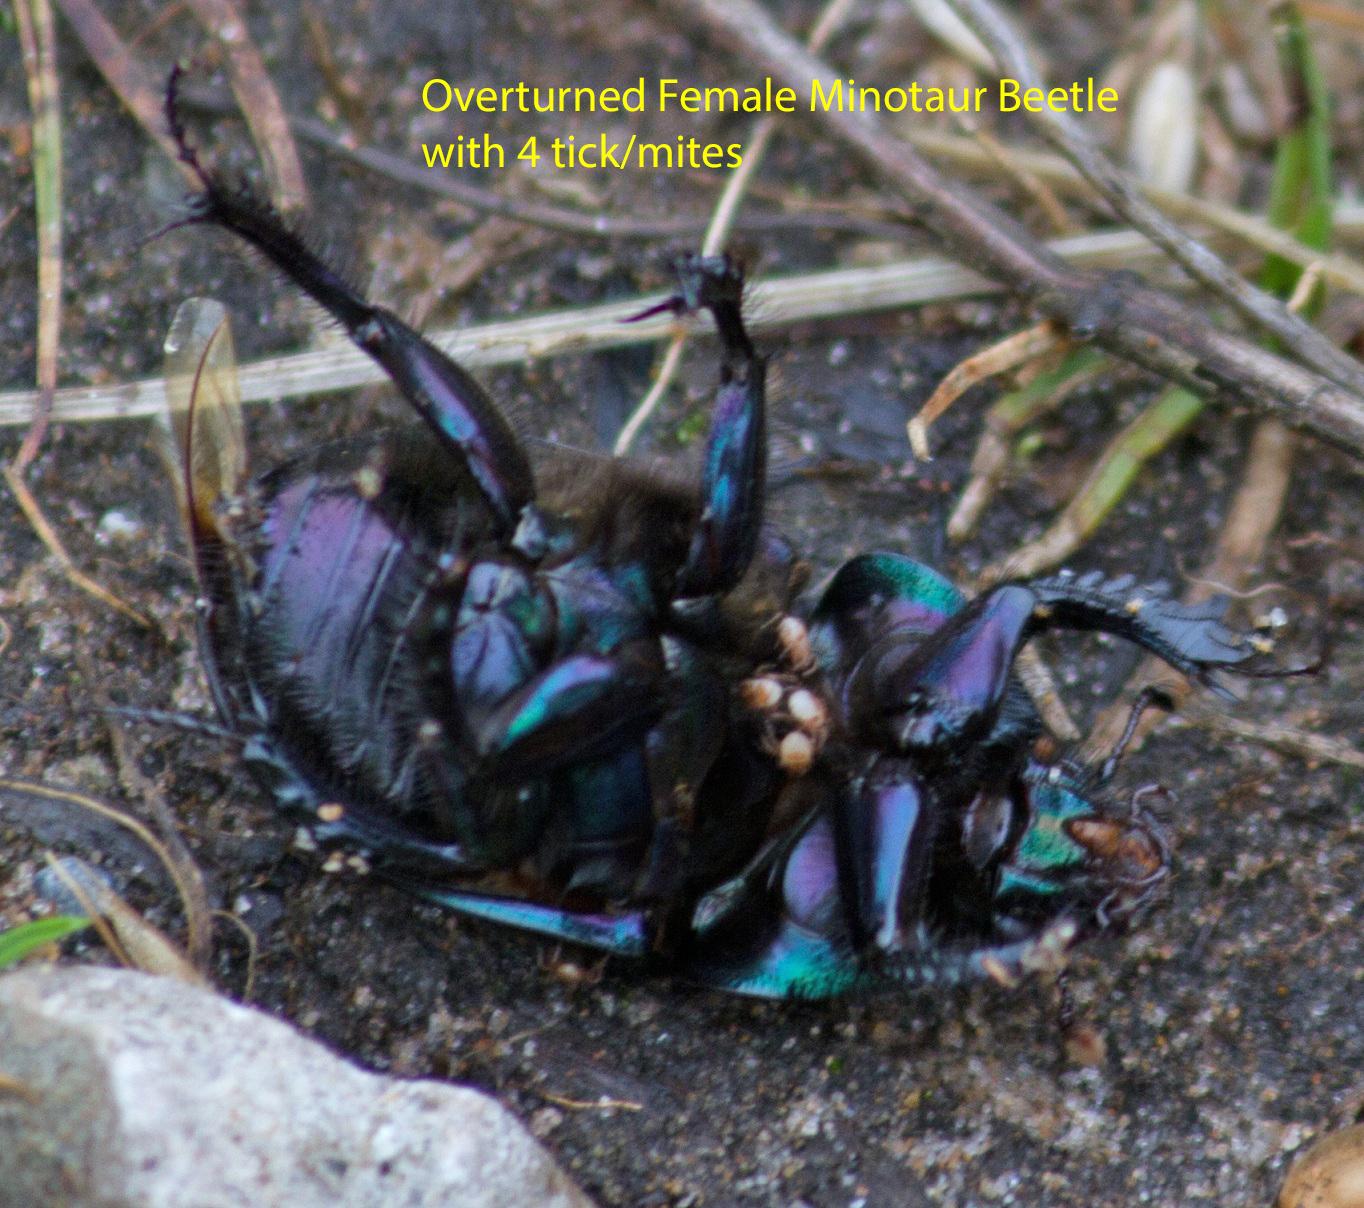 004-overturned-female-minotaur-beetle-1-2-7f2e75f6d042d8b6ef6b141331009481b12580ce